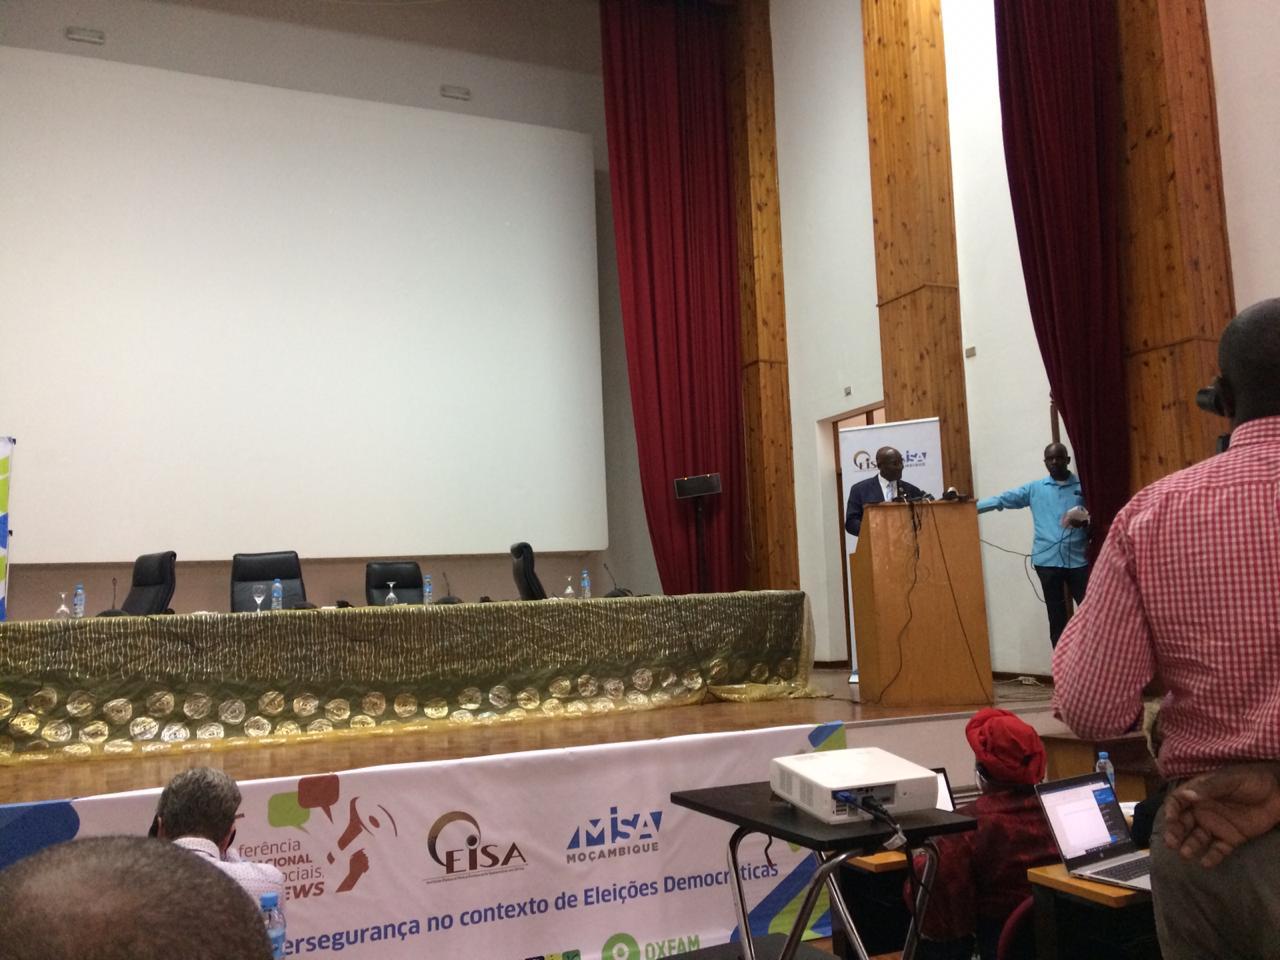 Conferência 'Redes Sociais, Fake New, Desinformação e Cibersegurança no Contexto de Eleições Democráticas', Maputo. Foto por Dércio Tsandzana, 5 de Agosto de 2019.